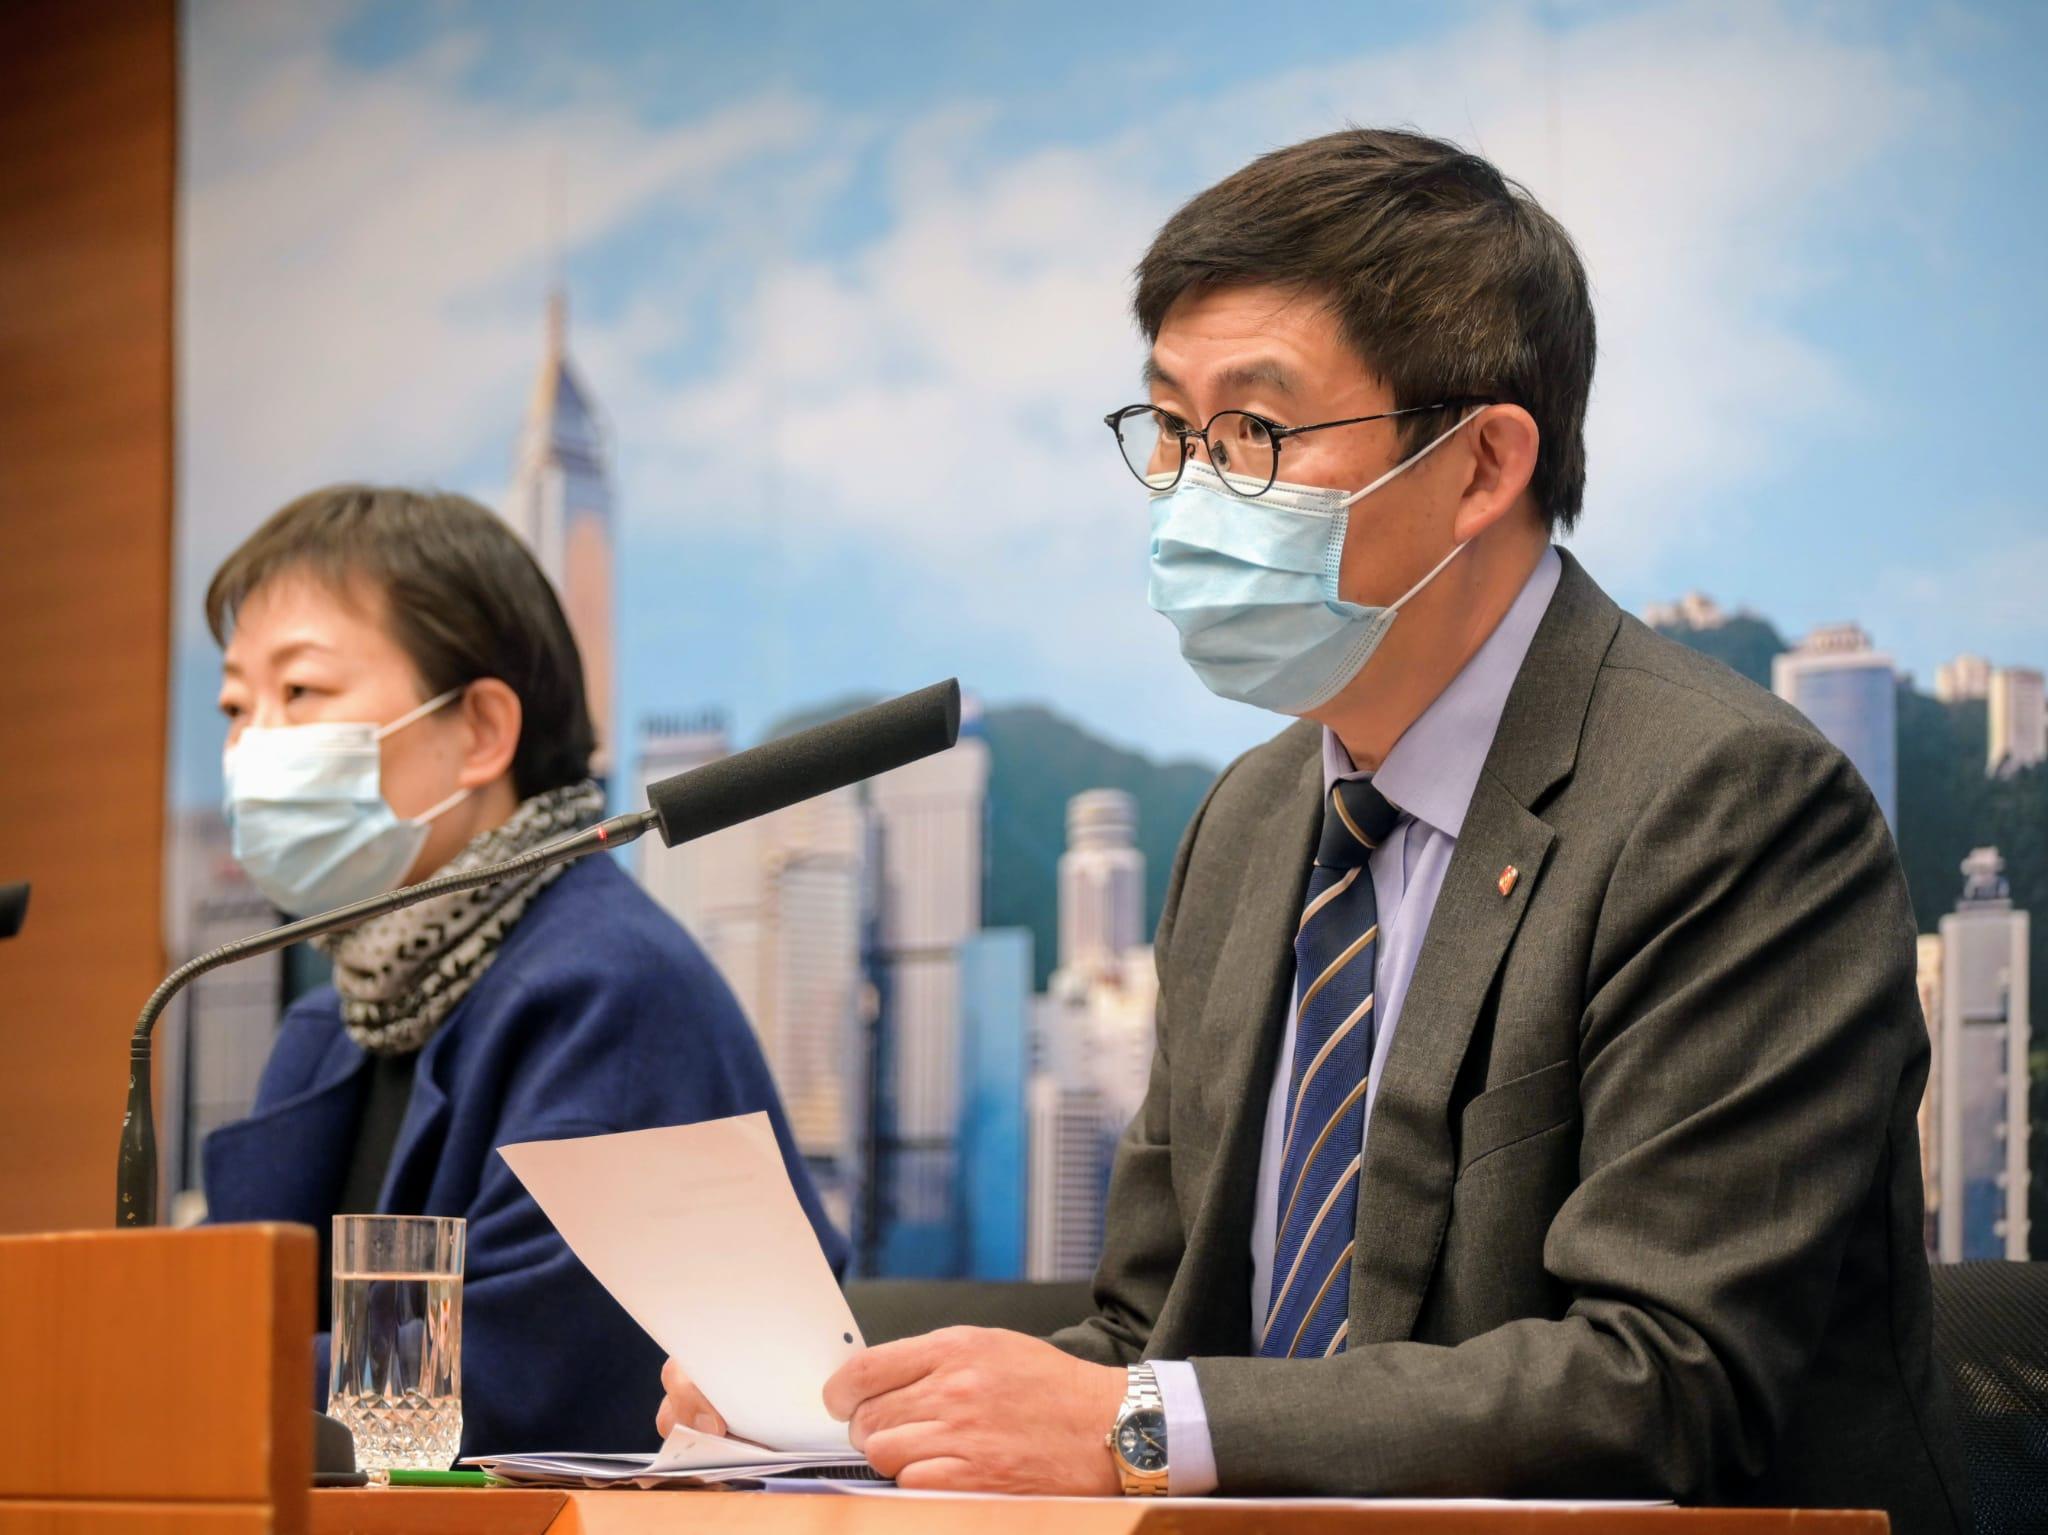 【新冠肺炎】本港新增69宗怀疑个案 医管局吁病人坦诚告知病史